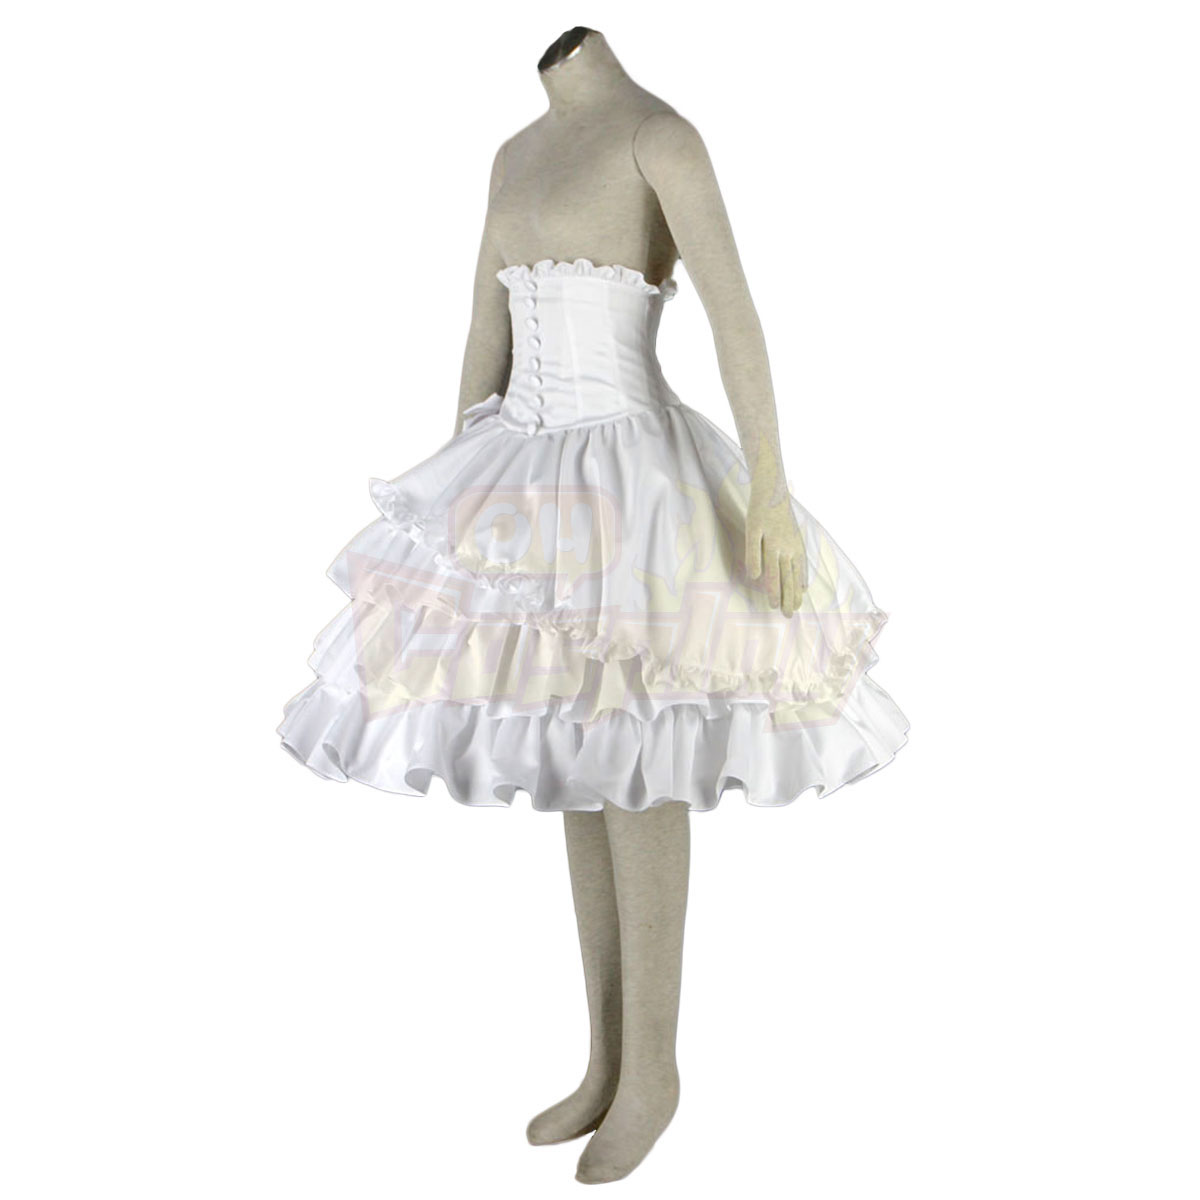 Fantasias Cultura Lolita Girdle Branco Bows Vestidos Metade Trajes Cosplay